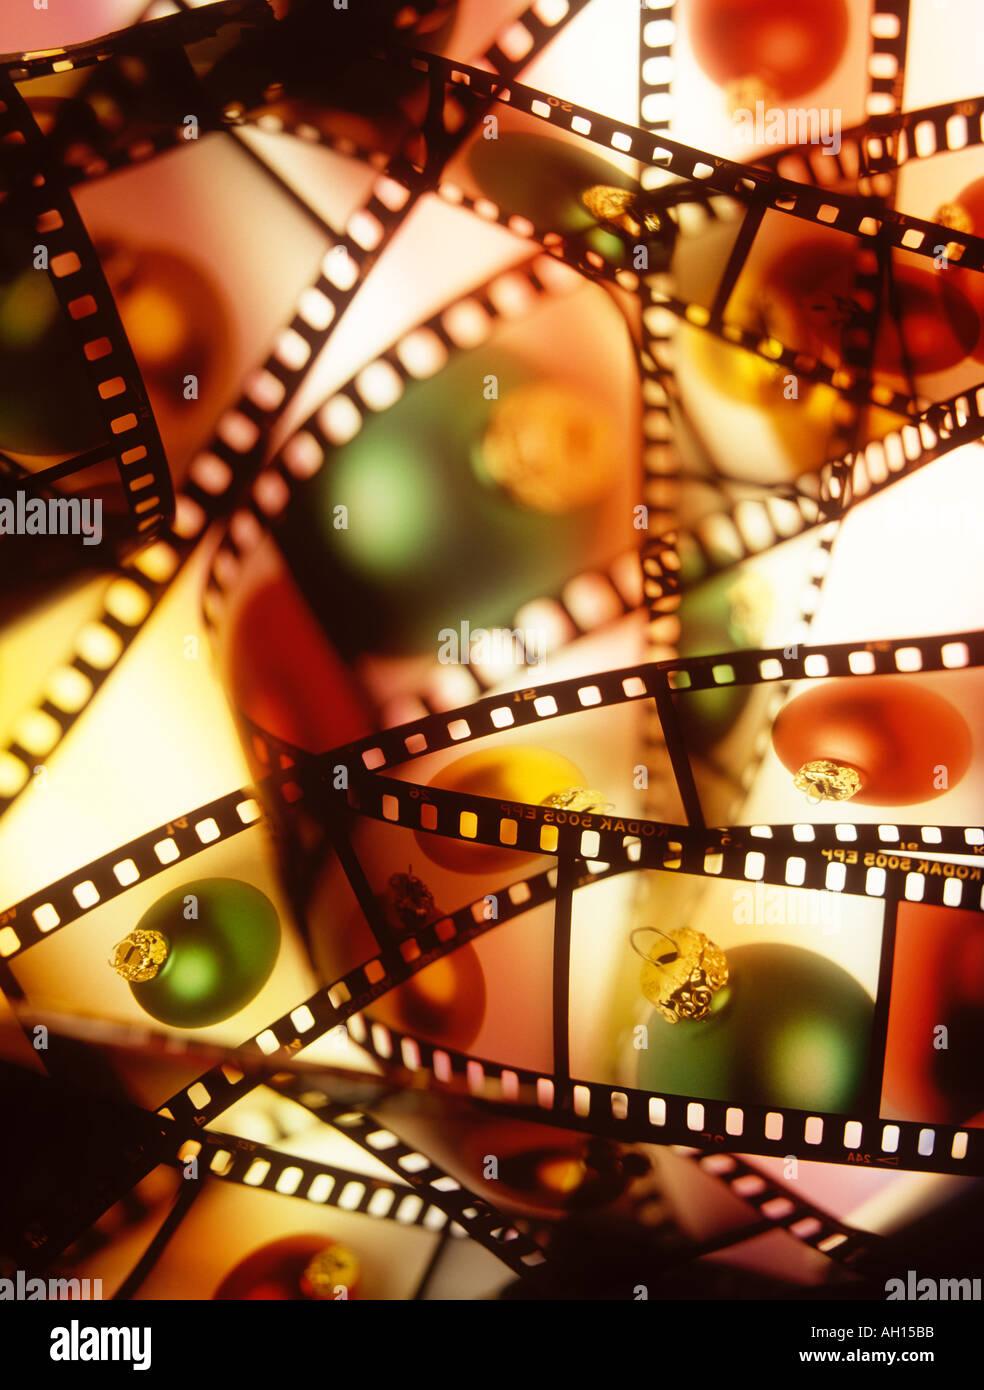 Weihnachten Baulbles fotografiert auf 35mm Film Kamera Stockbild